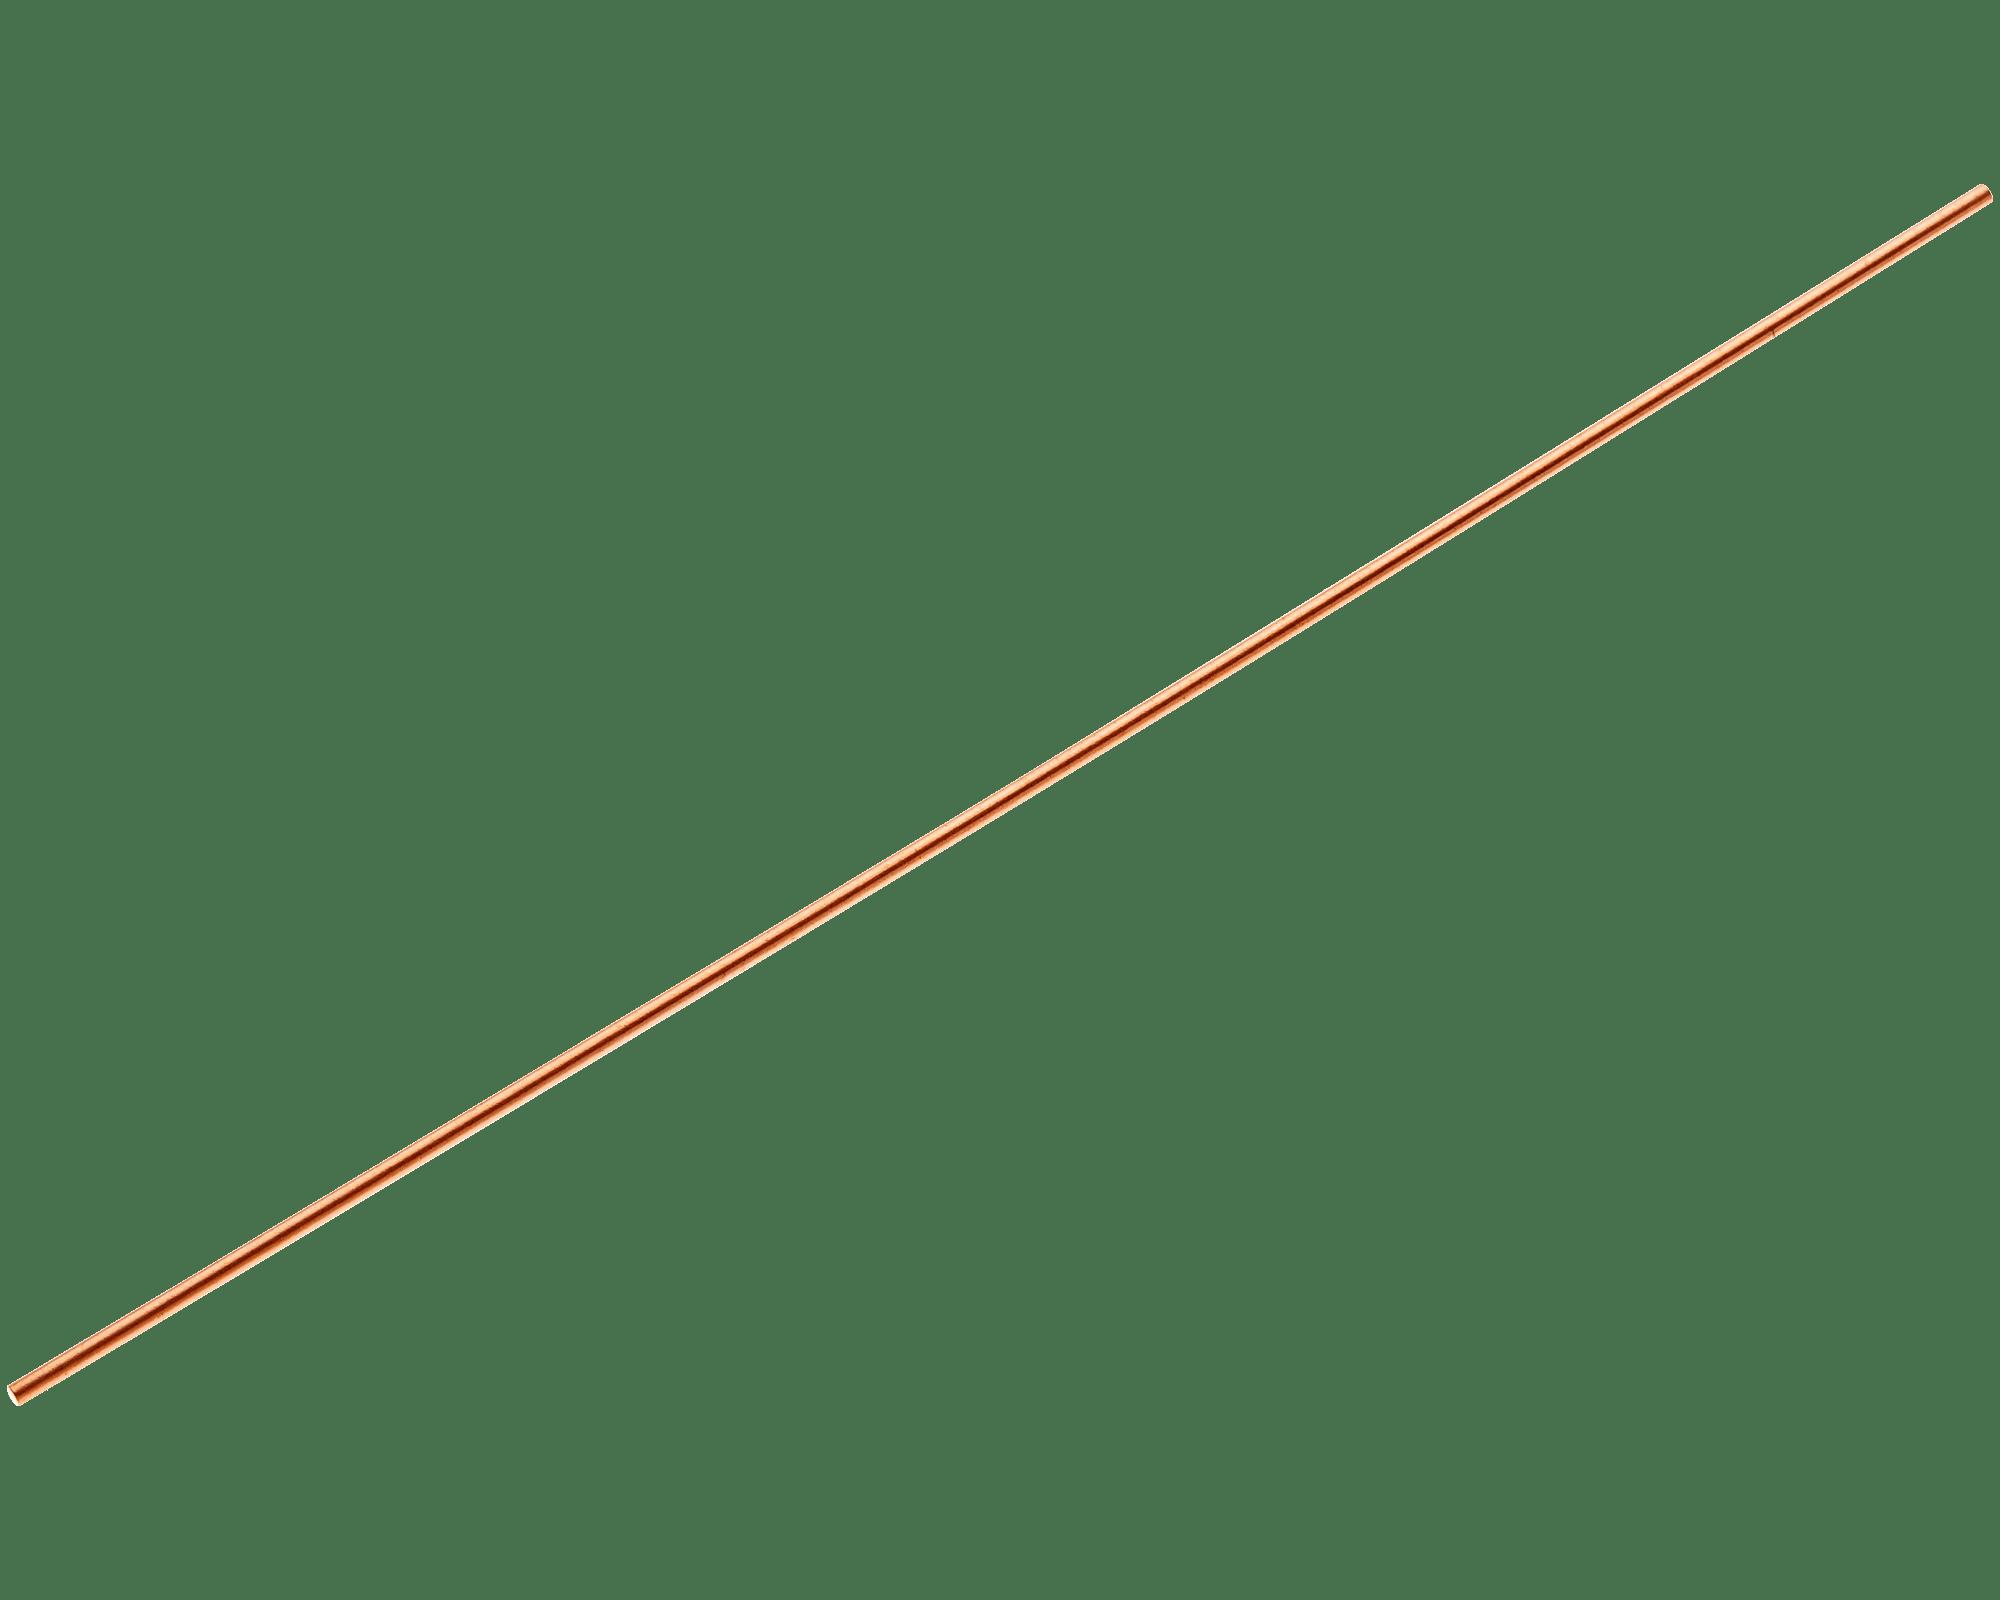 ES0250 Electrode Rod